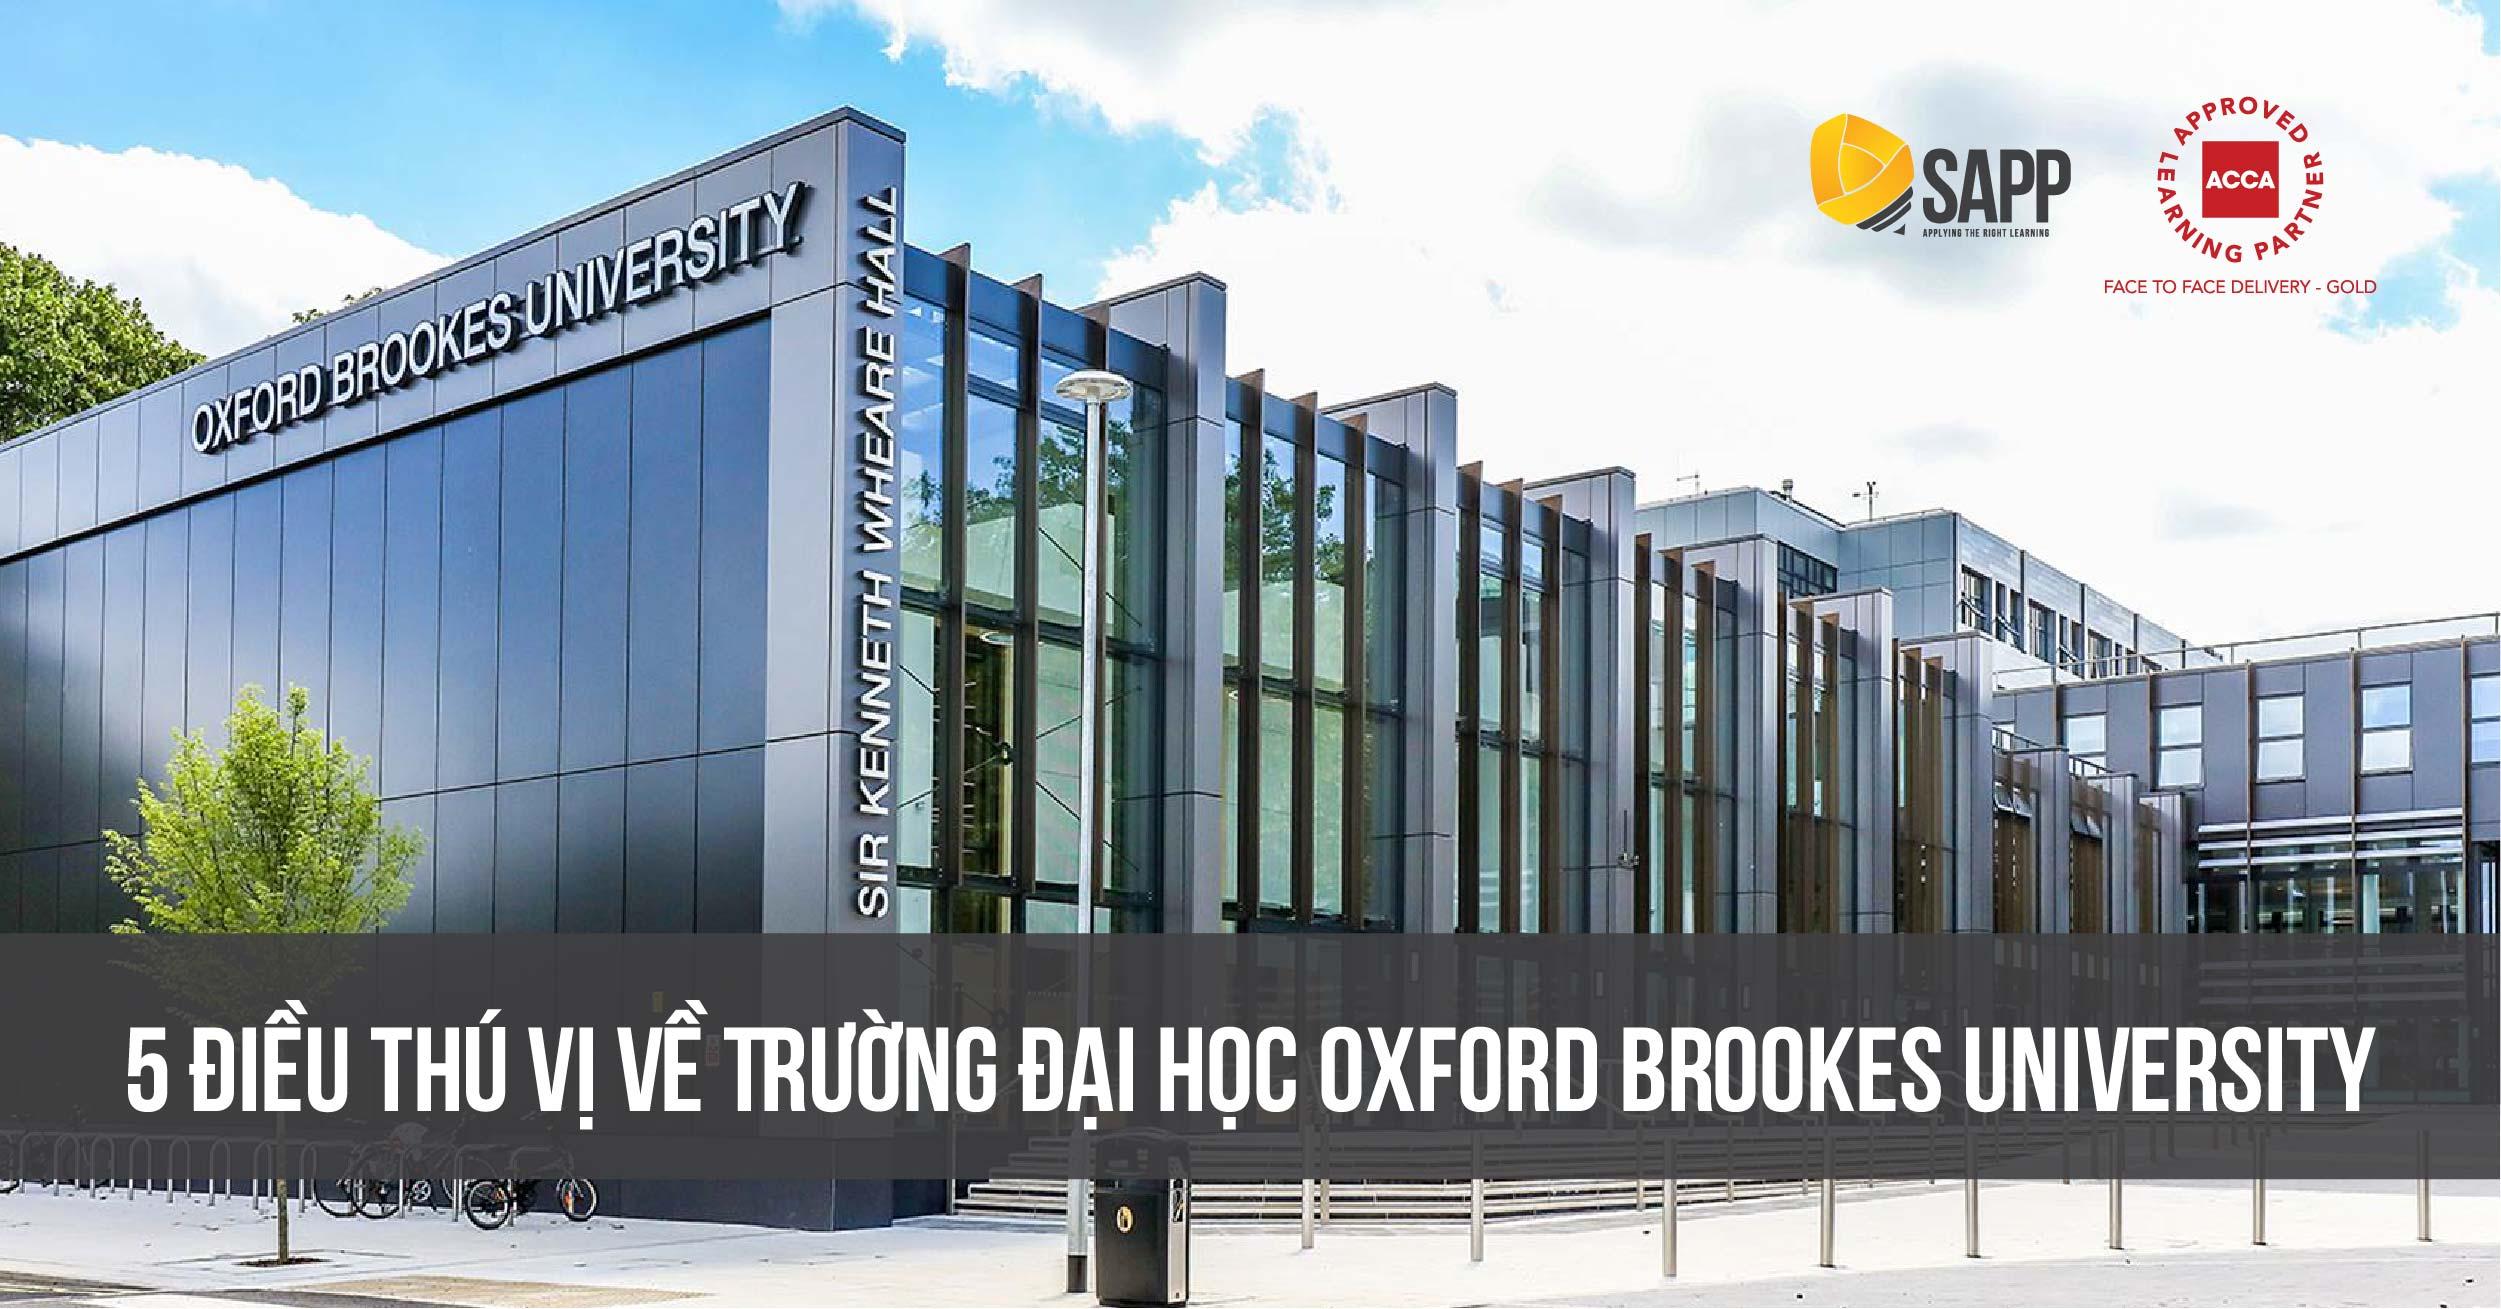 5 Điều Thú Vị Về Trường Đại Học Oxford Brookes University